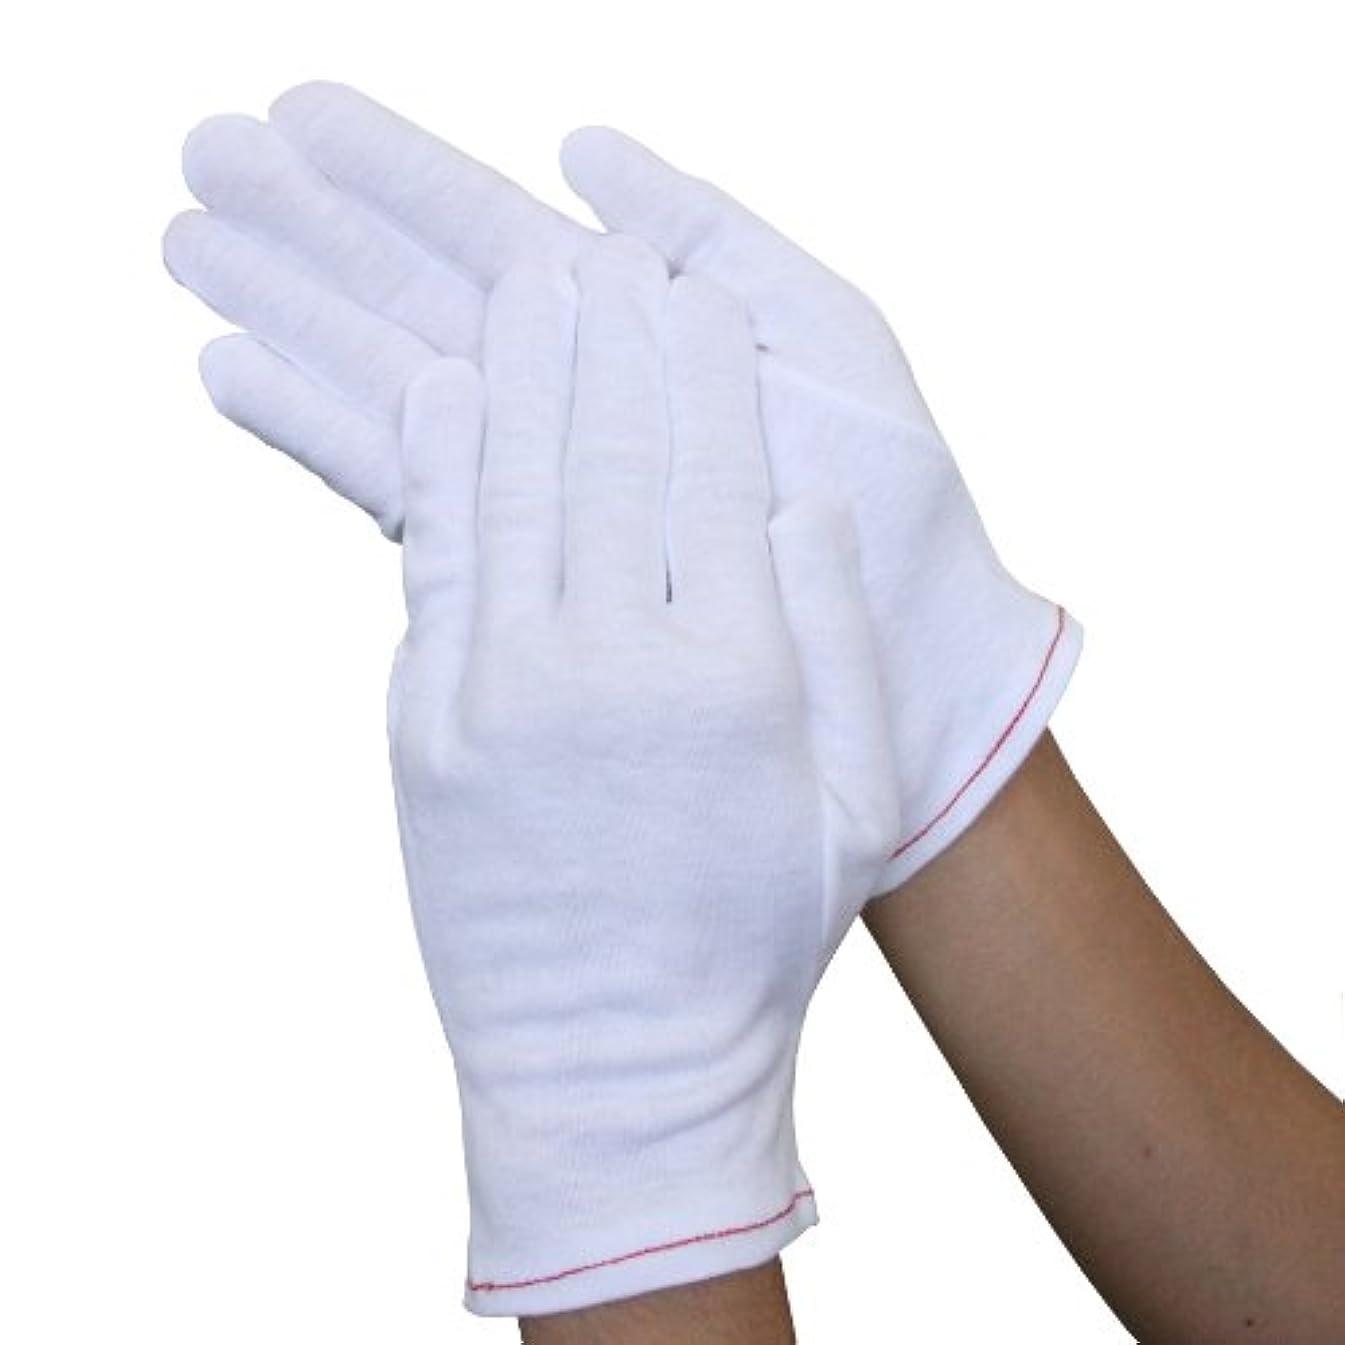 割り当てます小学生に対処するウインセス 【心地よい肌触り/おやすみ手袋】 綿100%手袋 (1双) (L)